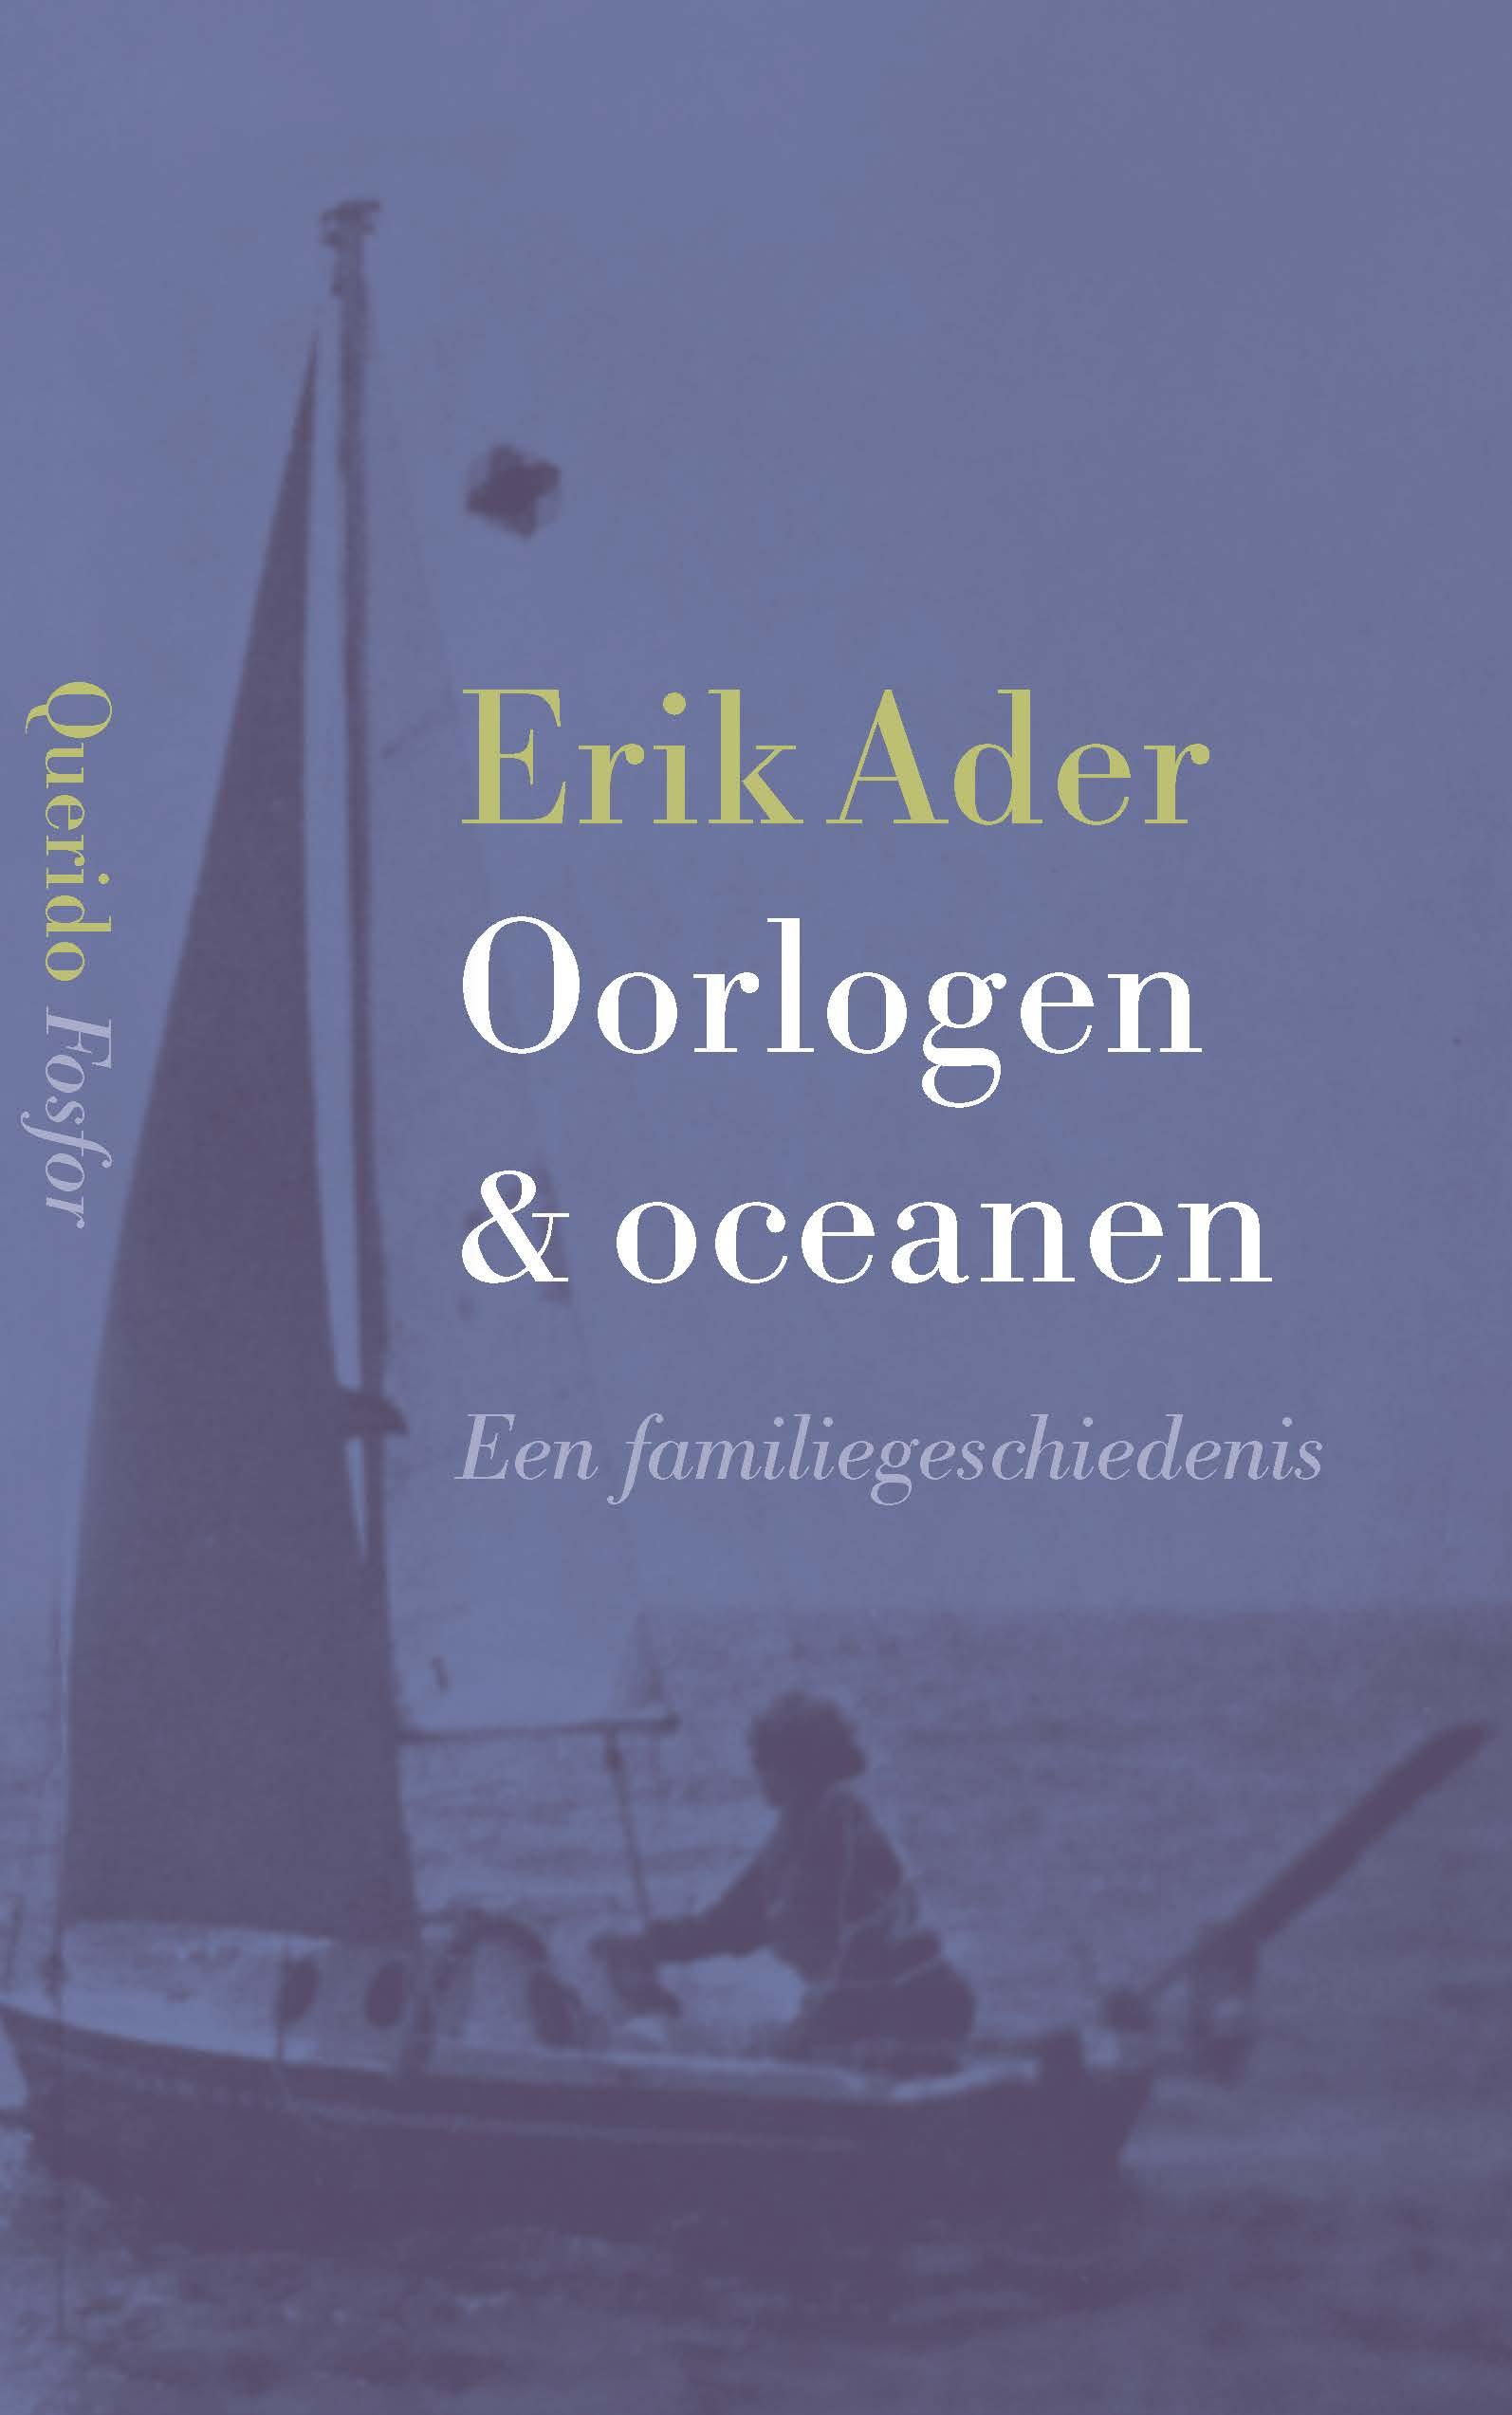 Oorlogen en oceanen - boekenflits